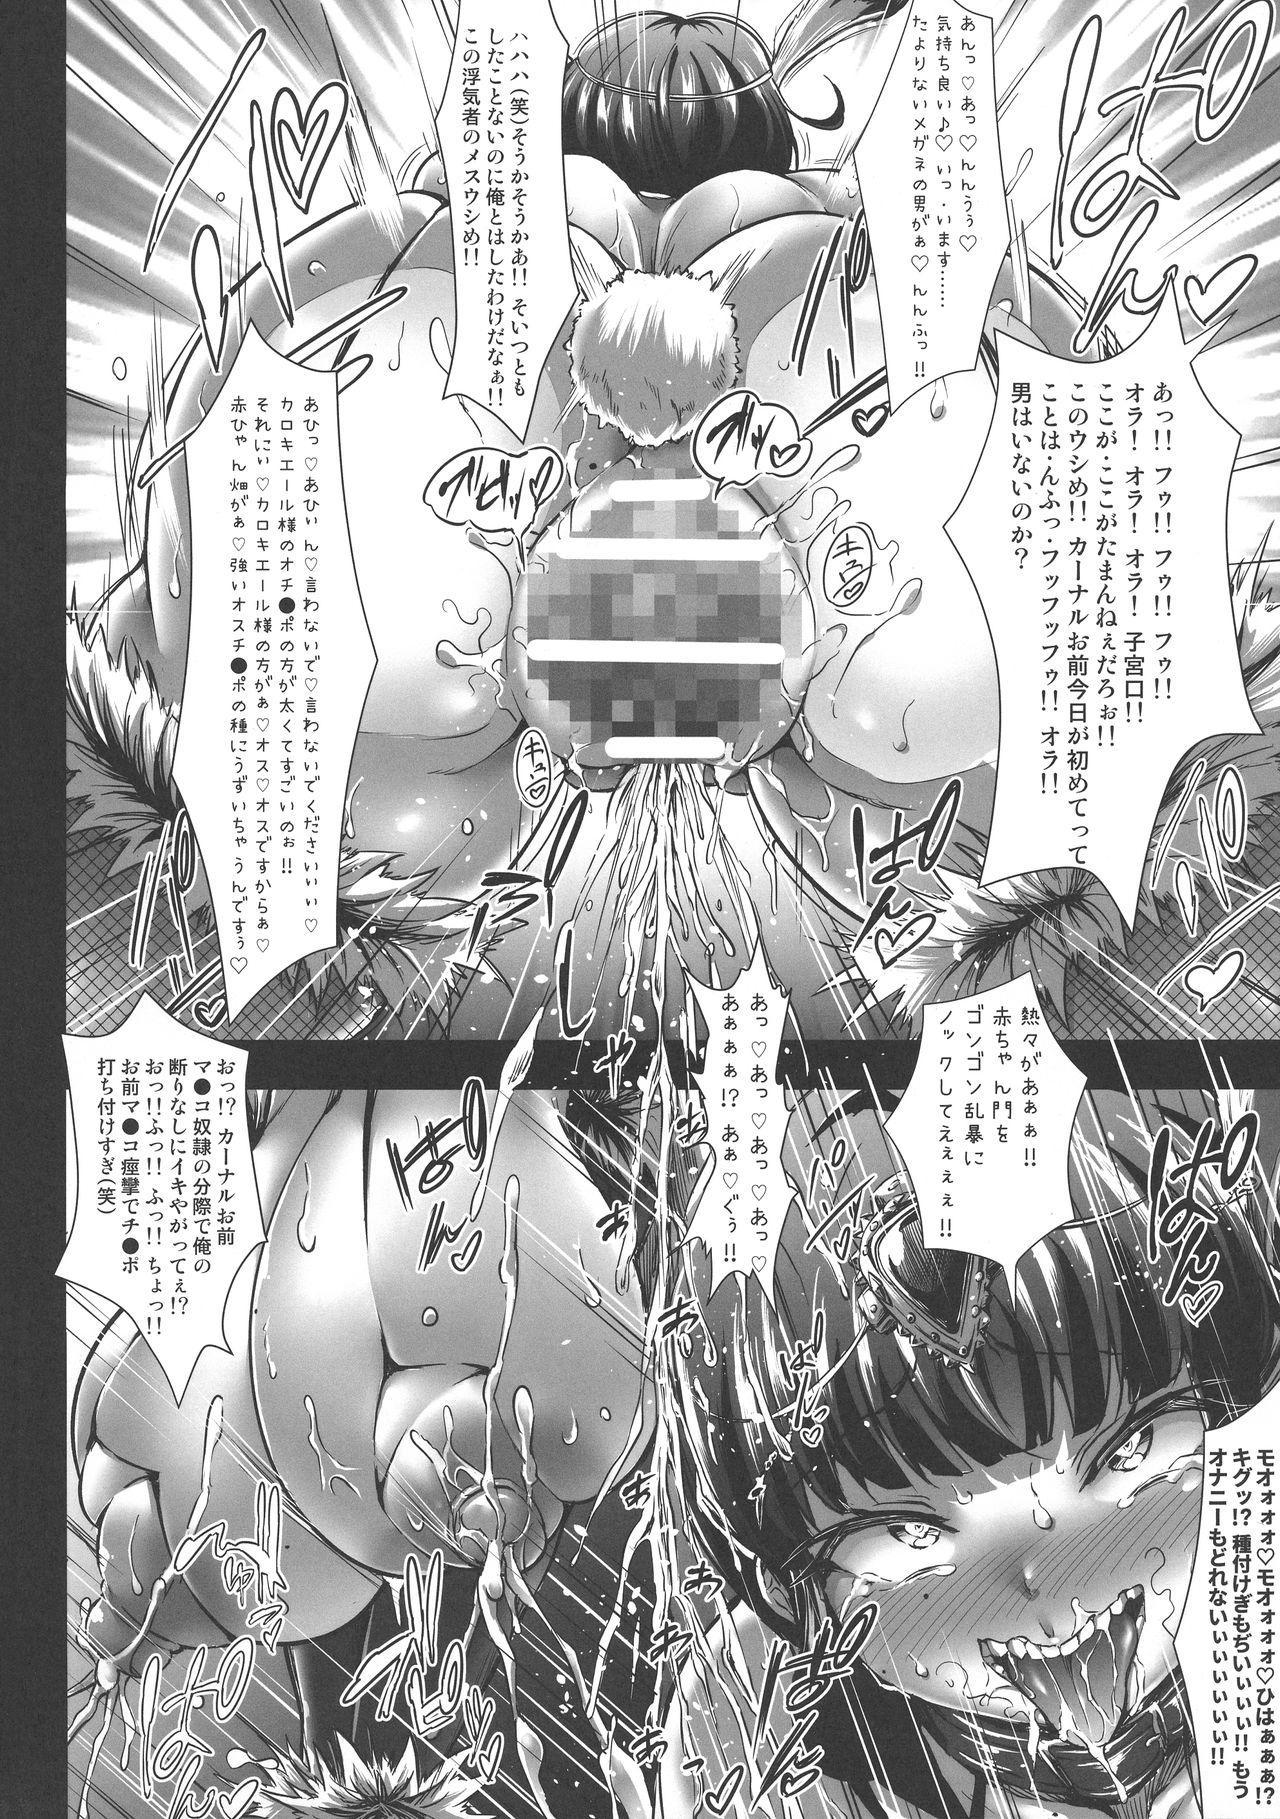 GUND CUNNUM vol.3 19